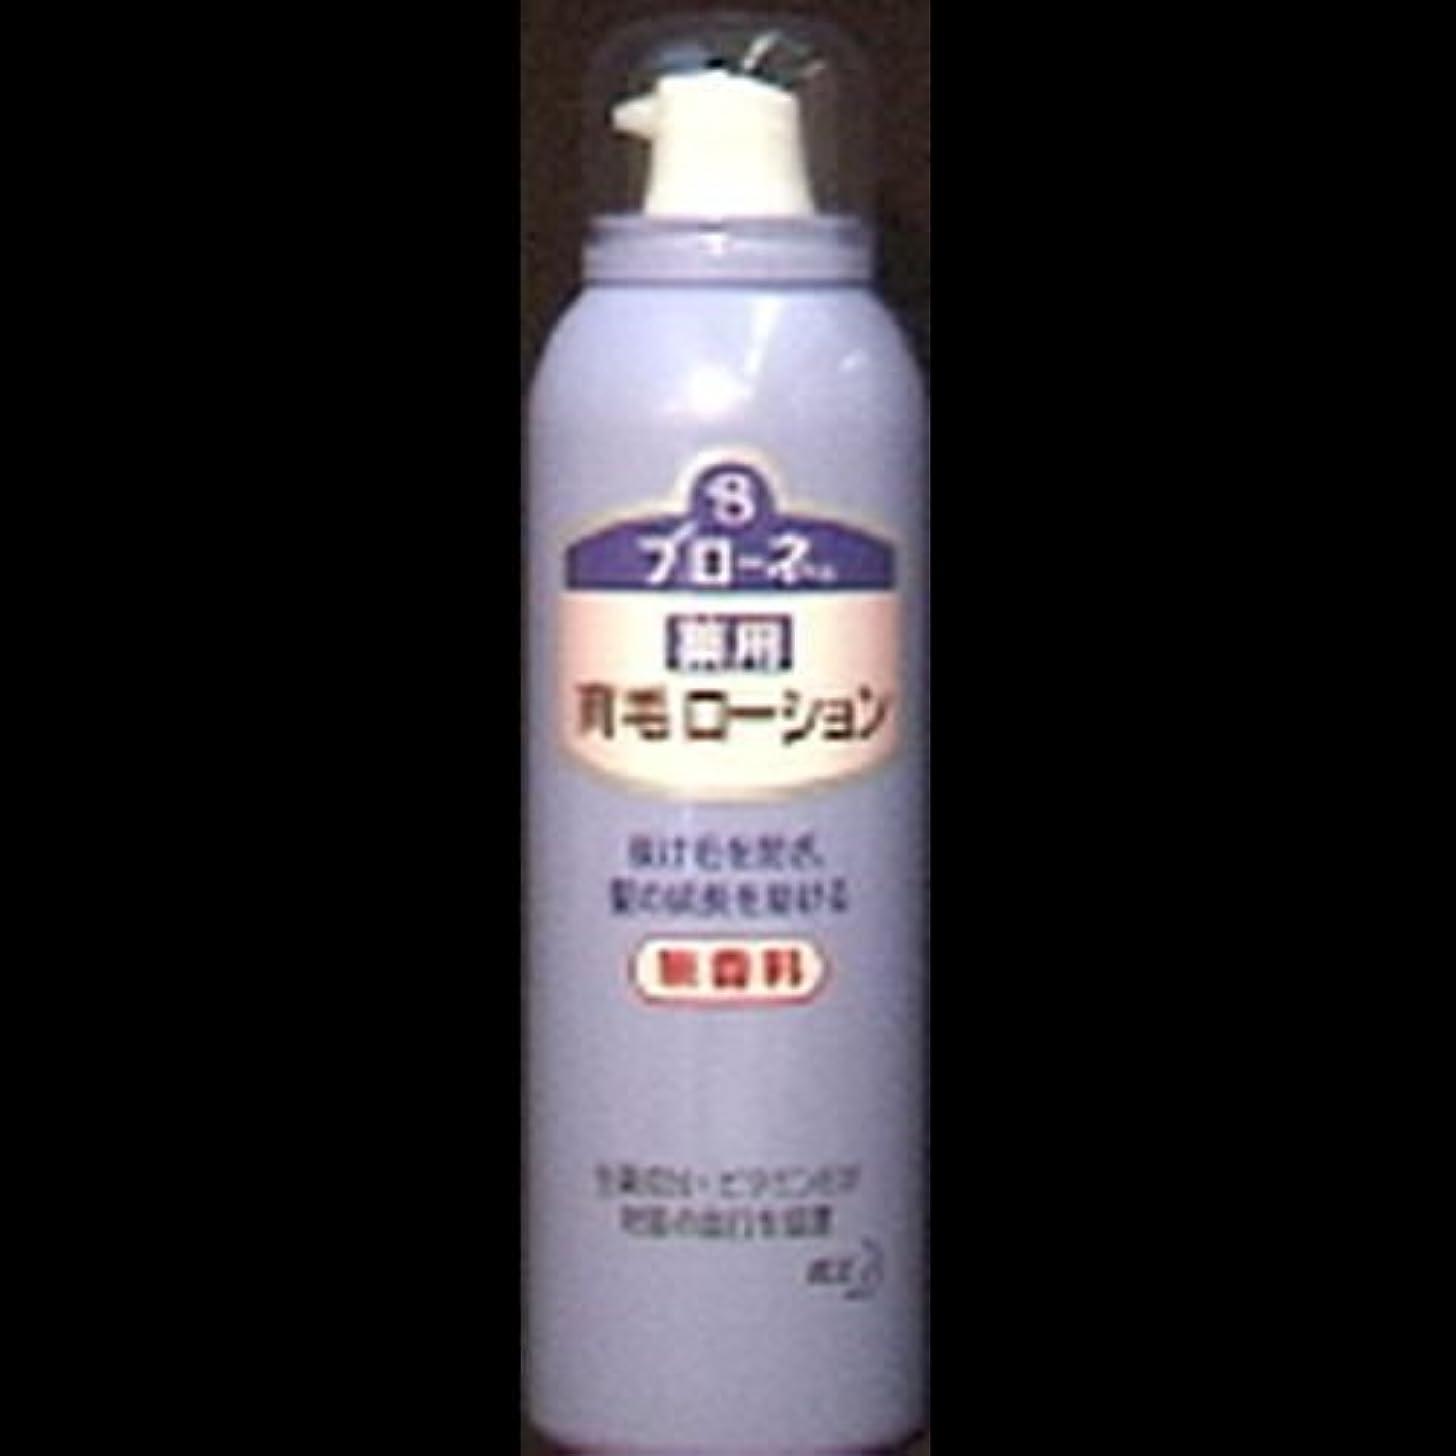 【まとめ買い】ブローネ 薬用育毛ローション 無香料(180g) ×2セット